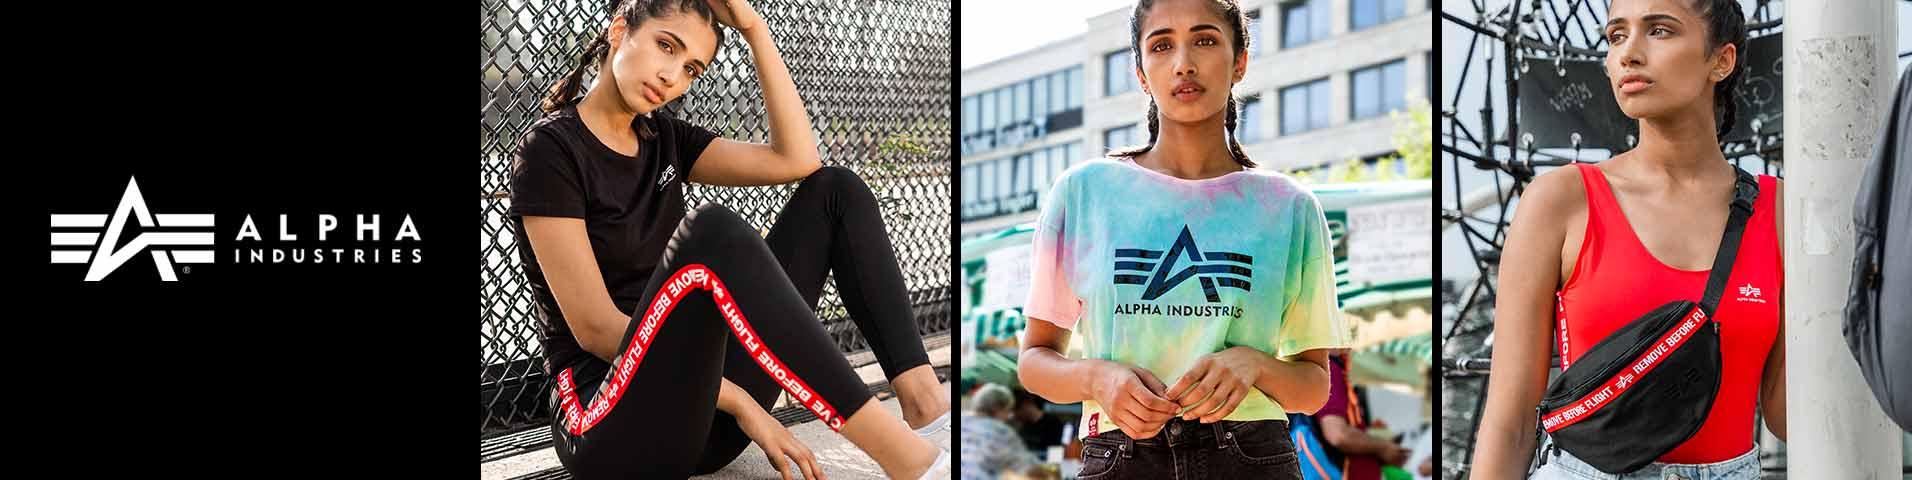 Moda damska w promocji   Tanie buty, ubrania i akcesoria w